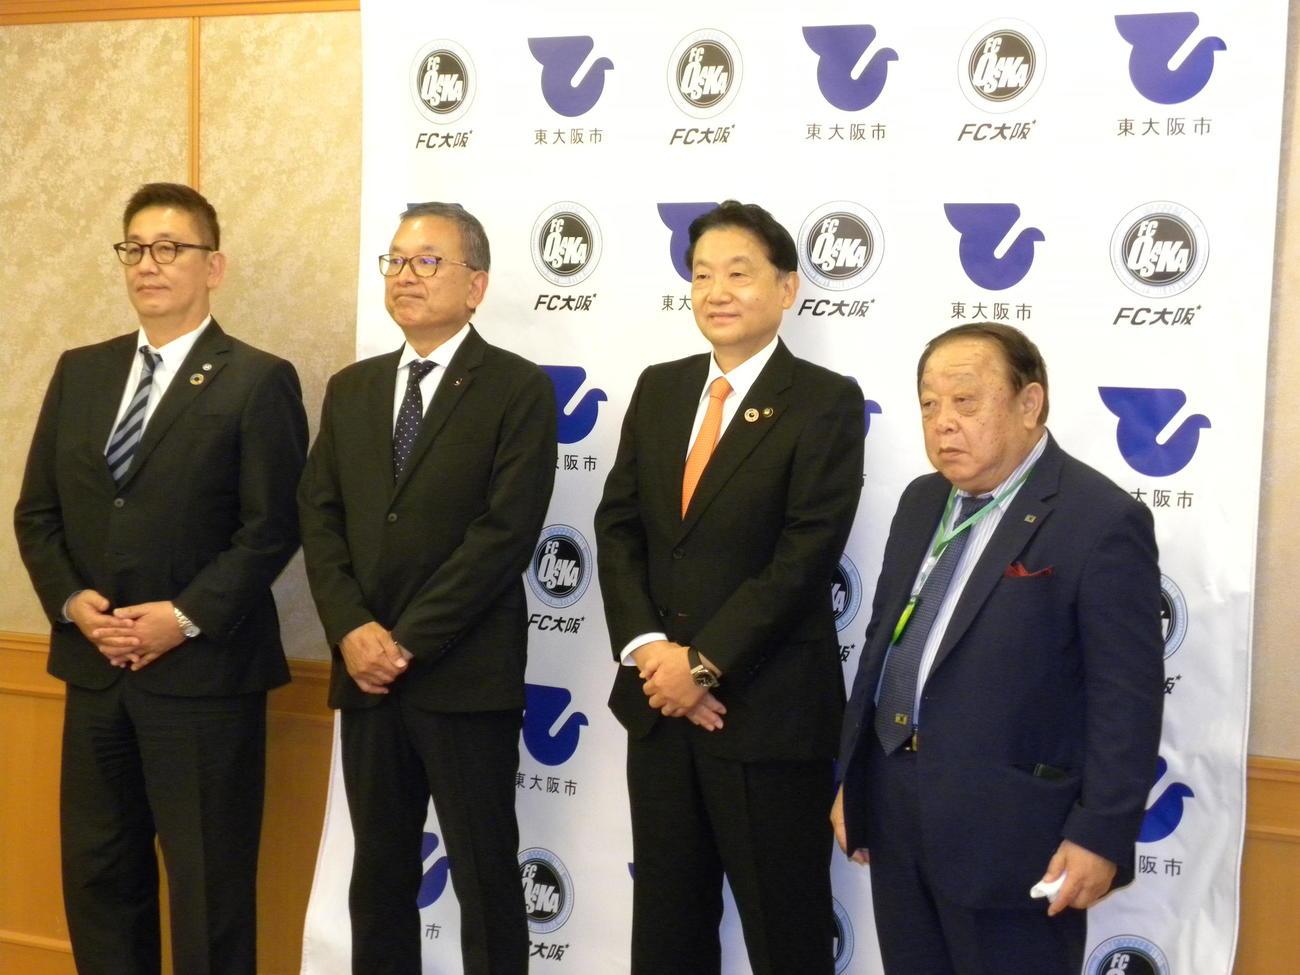 東大阪市役所でヒアリングを行ったJリーグの村井満チェアマン(左から2人目)と野田義和市長(同3人目)、FC大阪の疋田晴巳社長ら